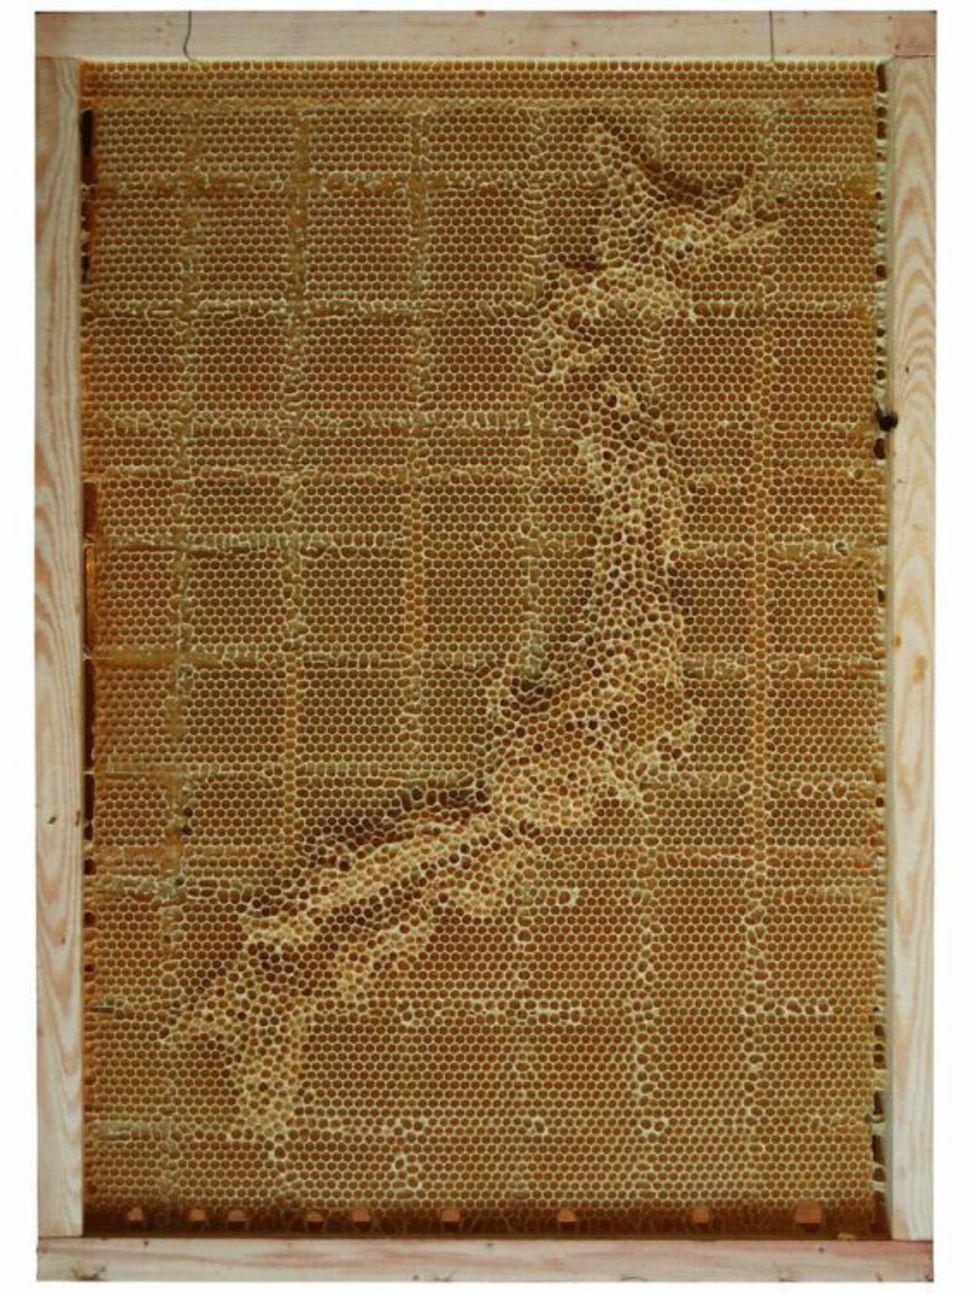 Япония воск, карта, пчела, скульптура